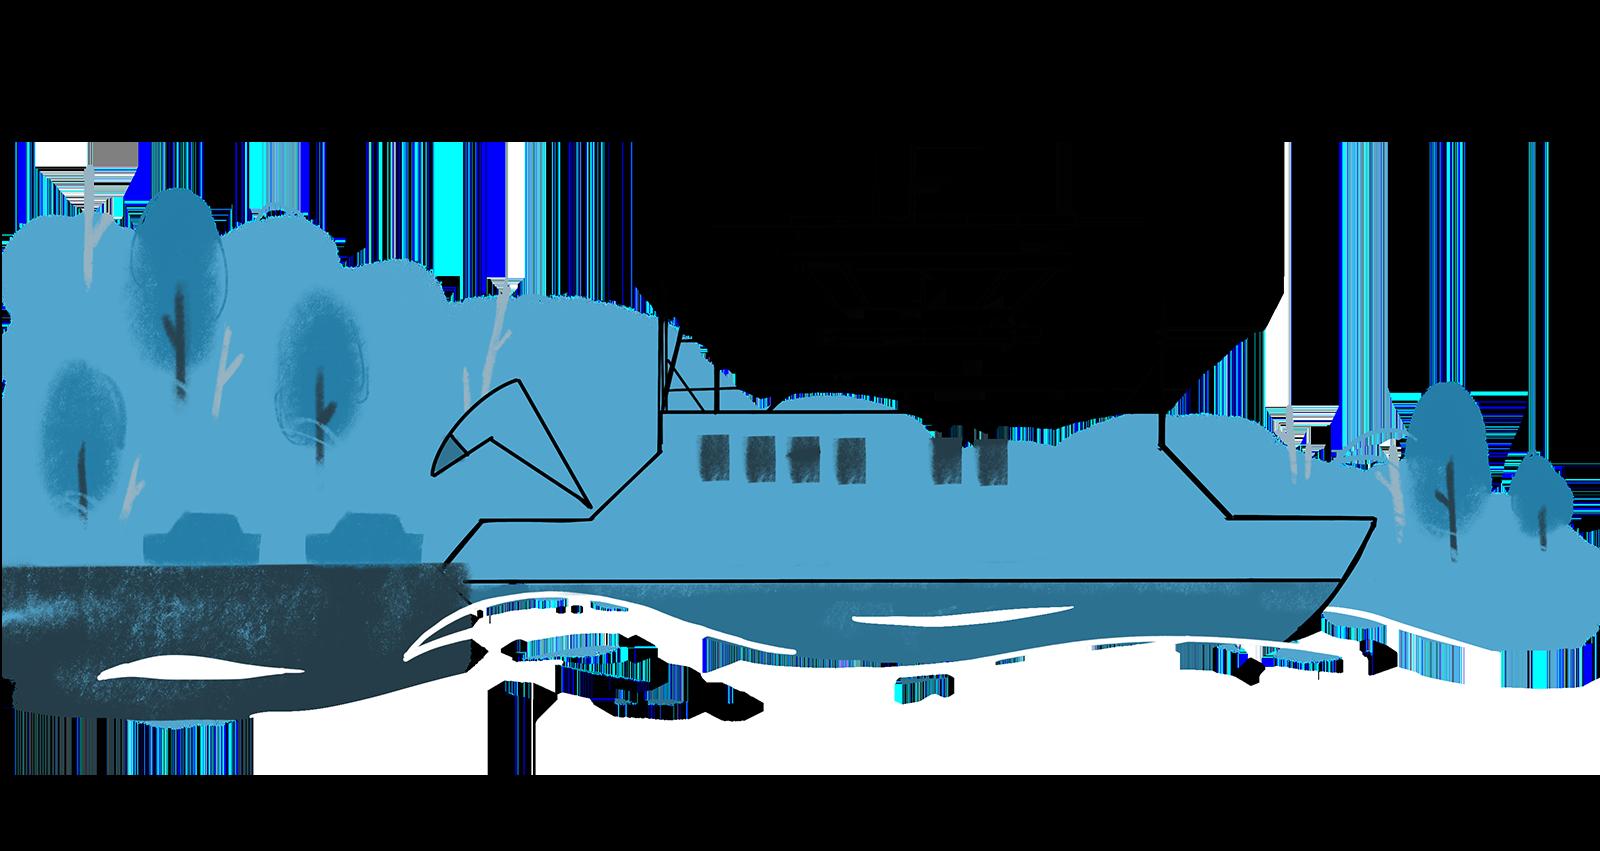 Moss båt